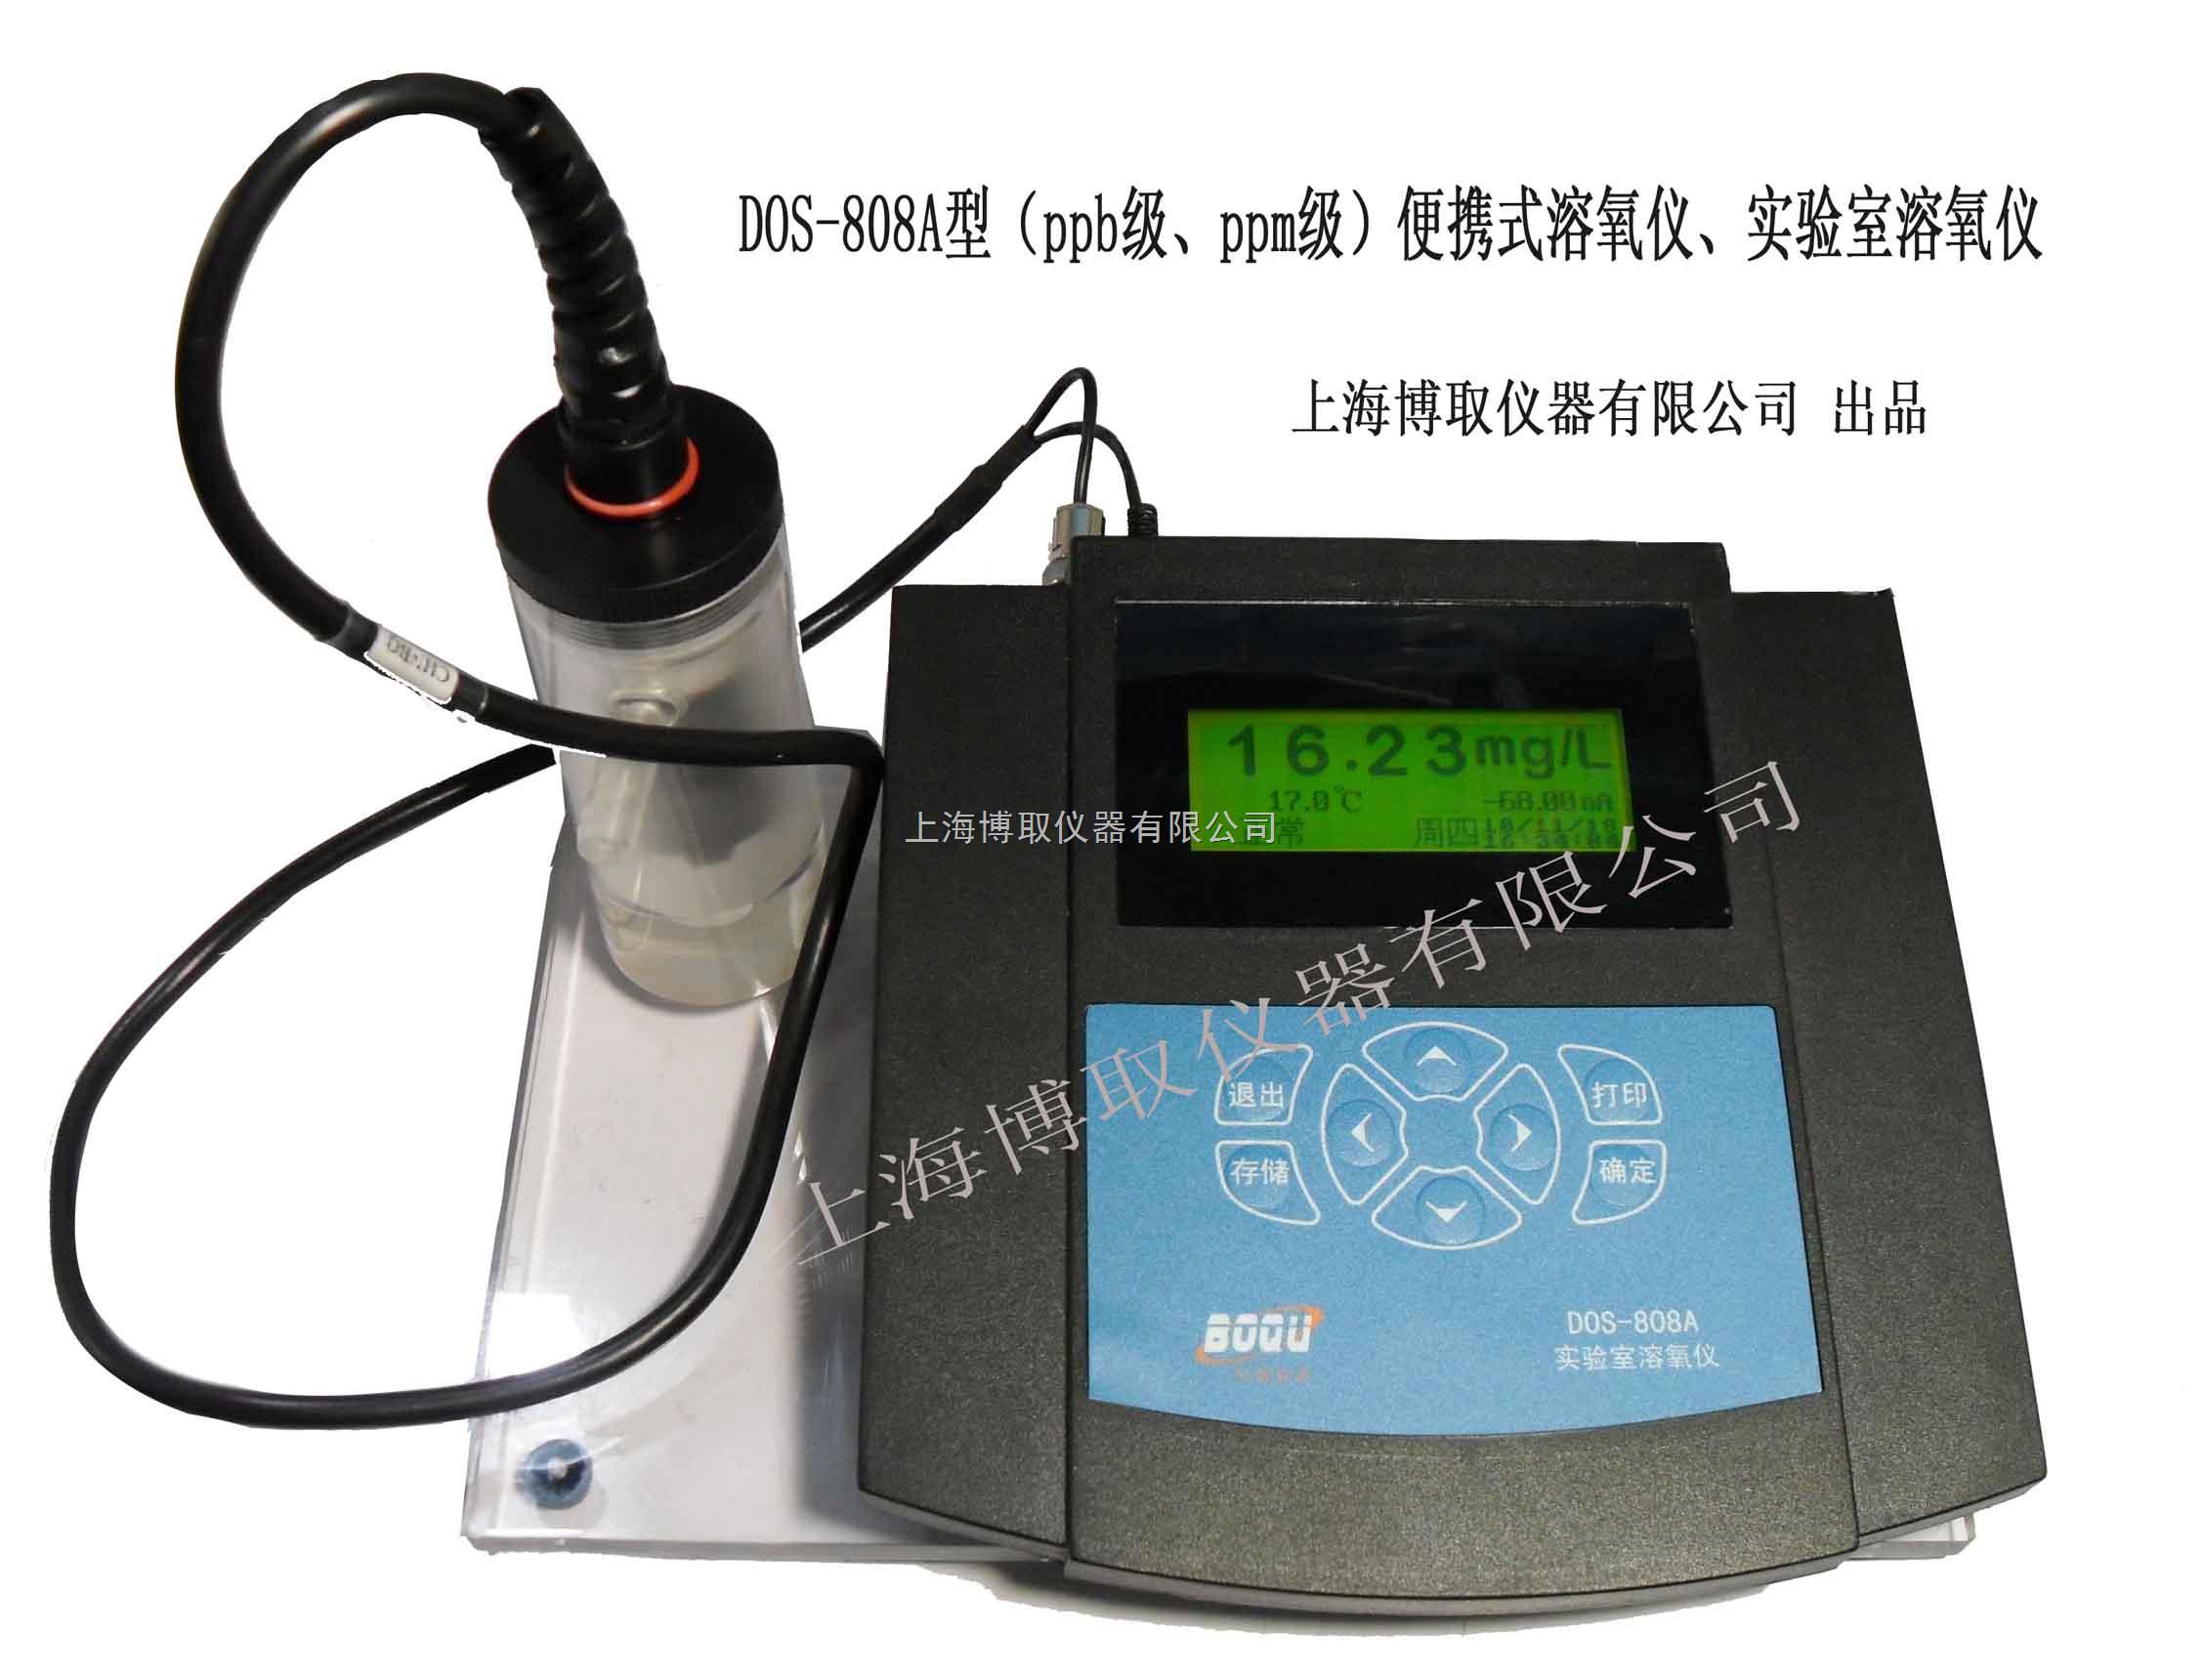 超纯水溶氧仪DOS-808A/PPB微量溶氧仪